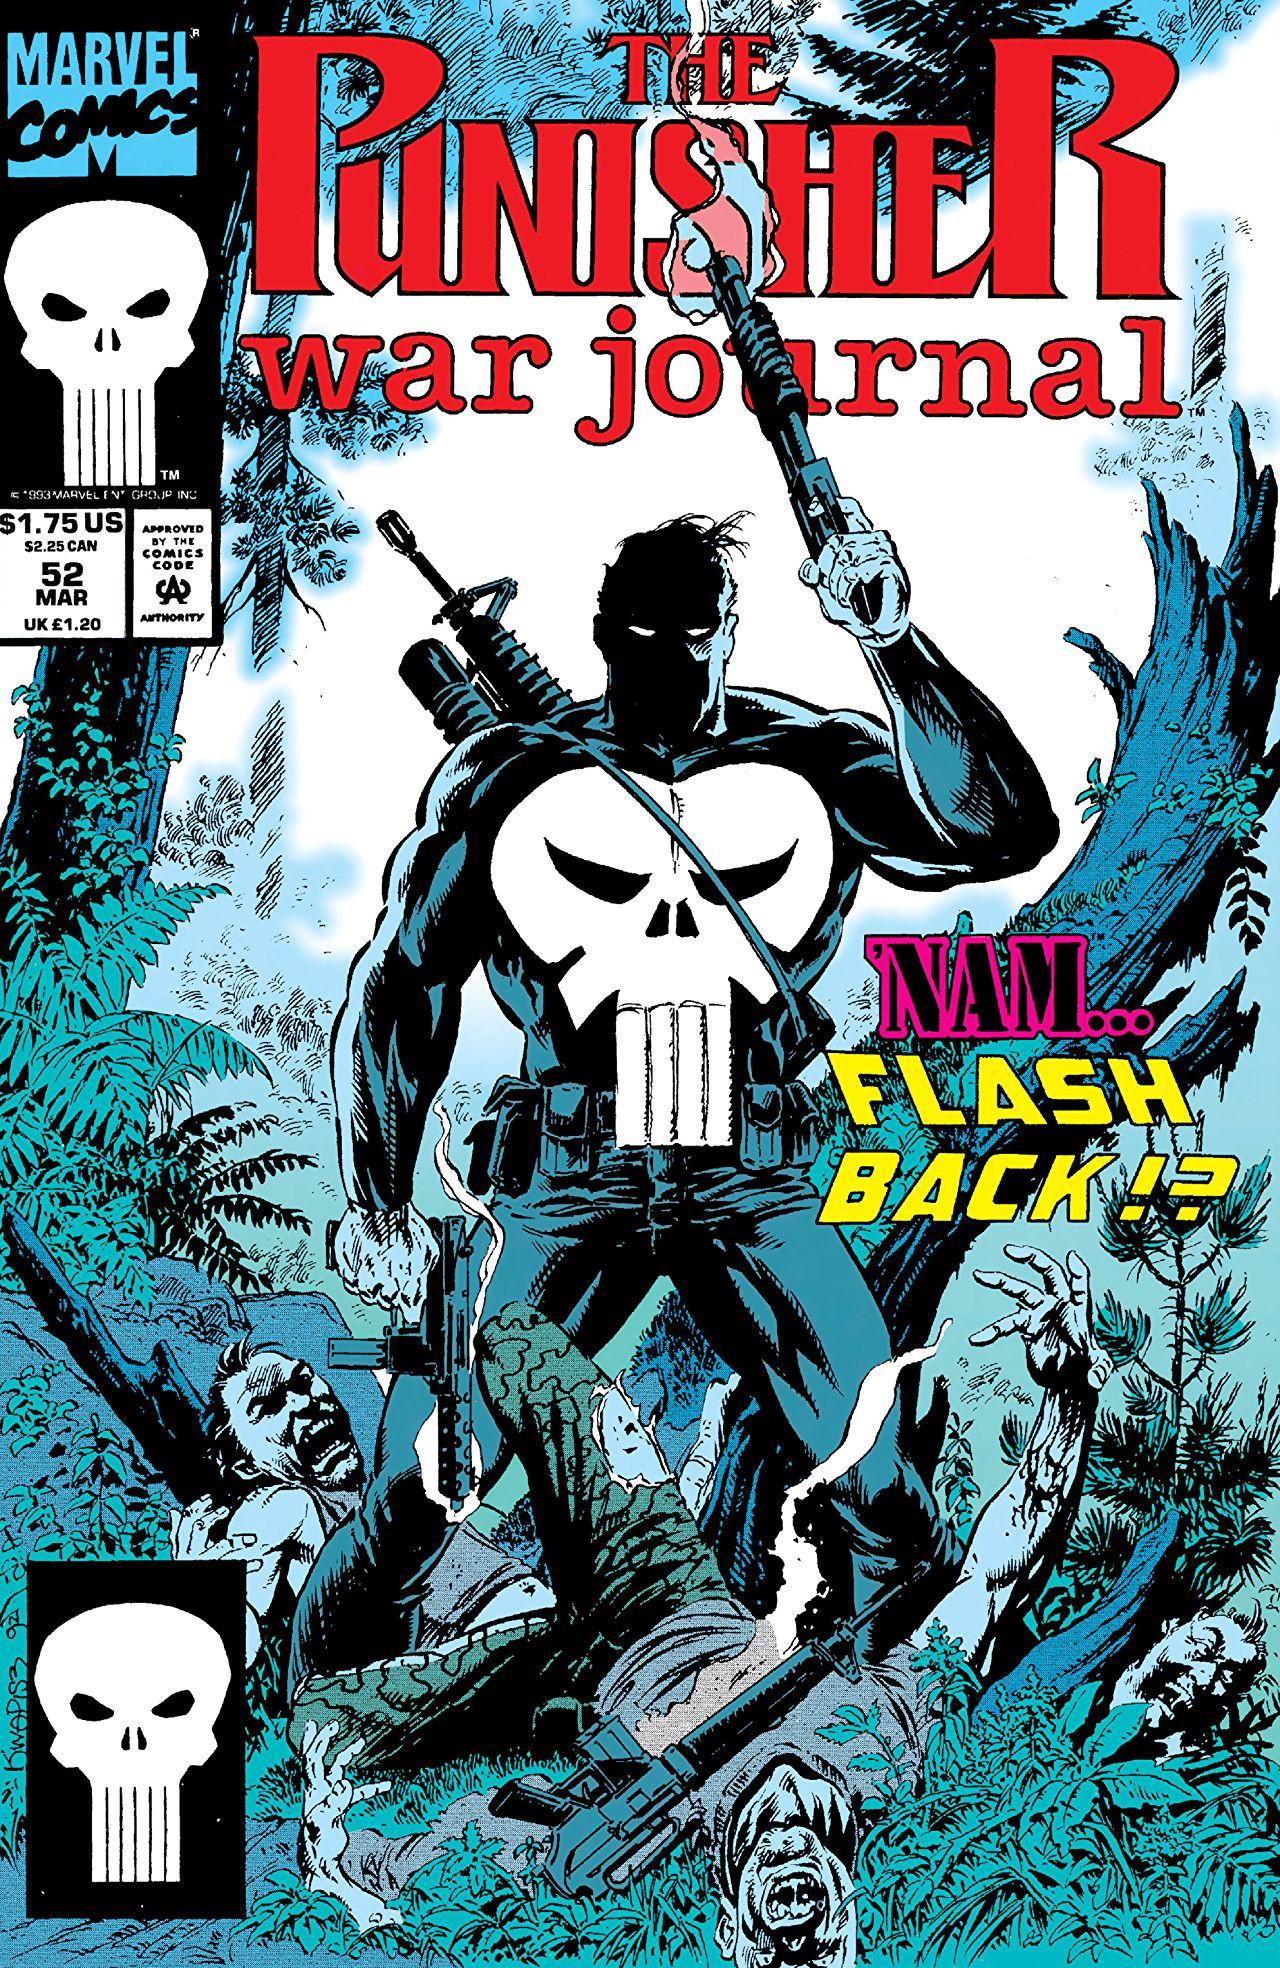 Punisher War Journal Vol 1 52 | Marvel Database | FANDOM ...